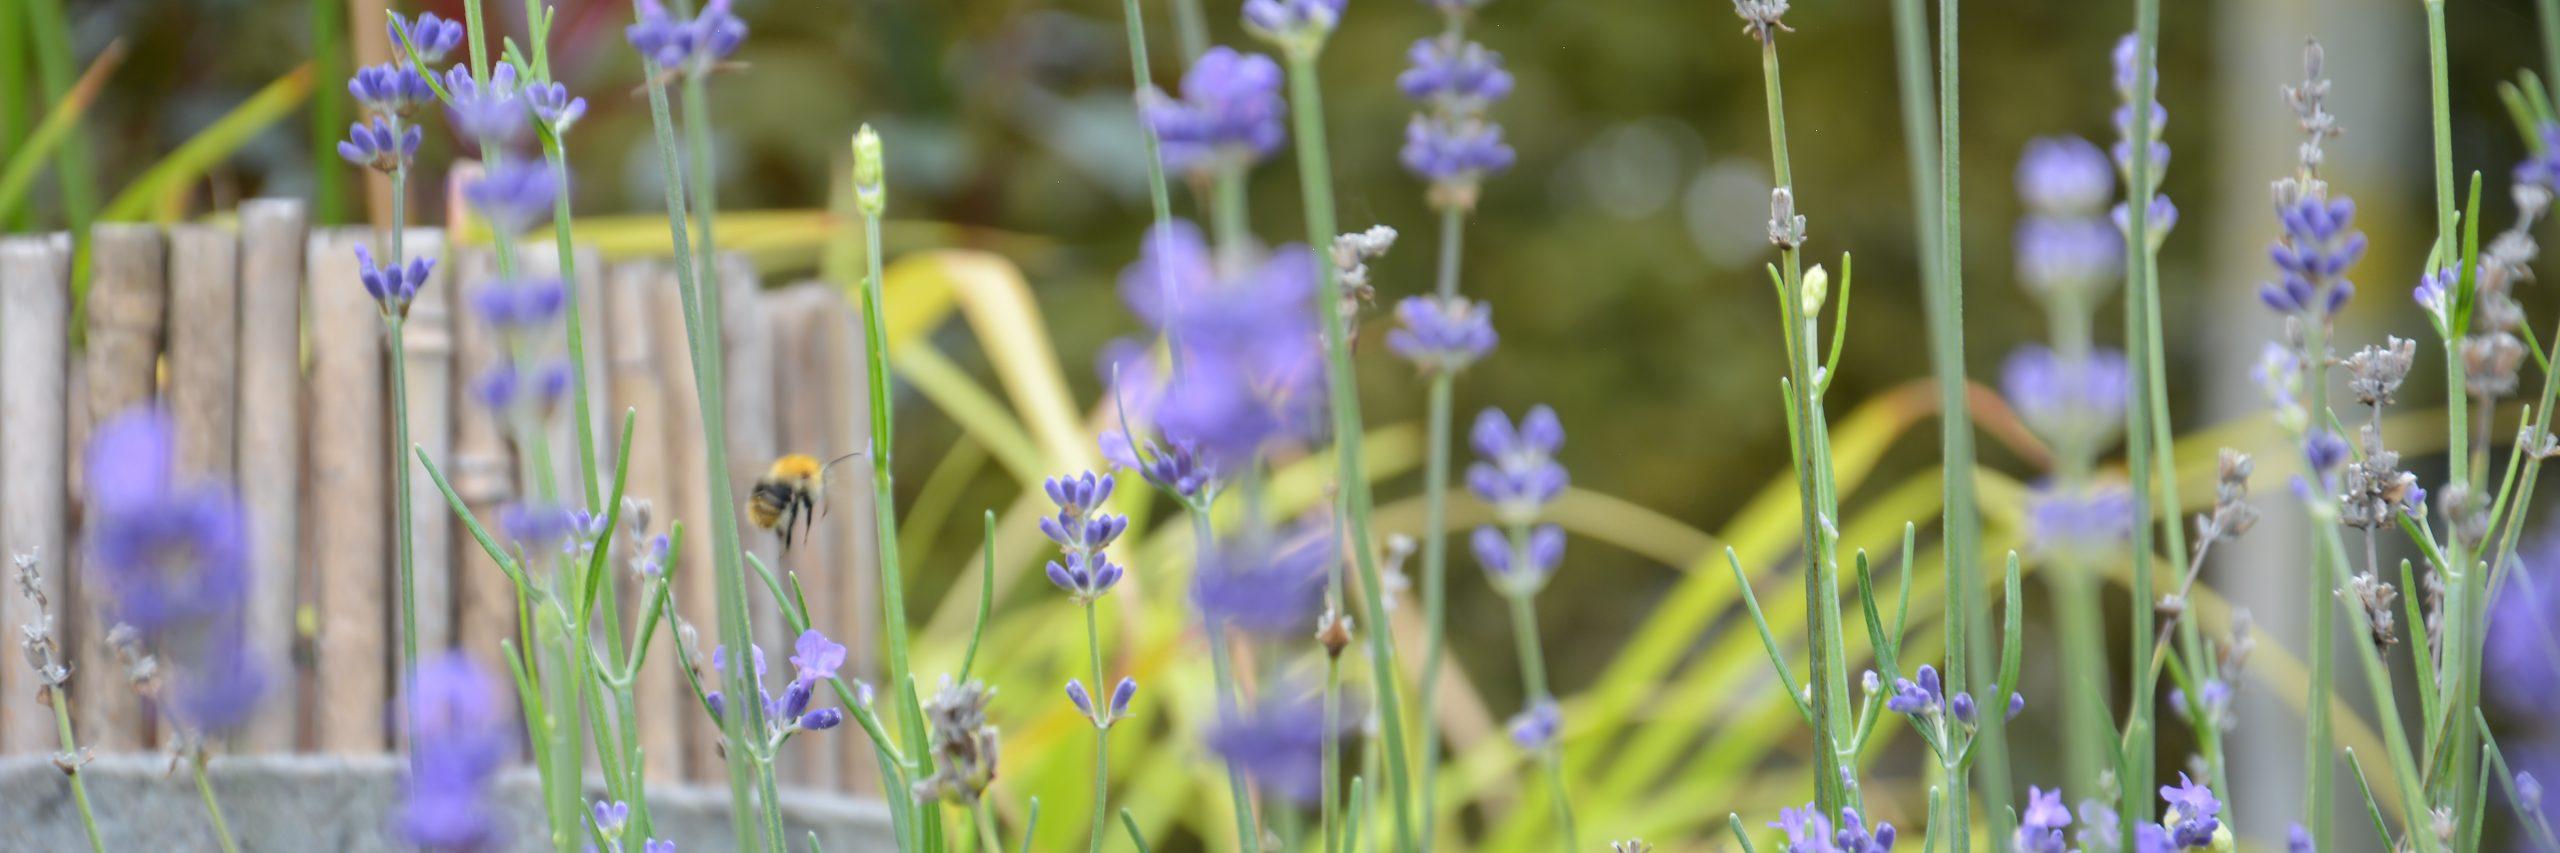 Blumen; Garten; Grün; Lila; Ziele nachhaltiger Entwicklung; Bienen; Lavendel